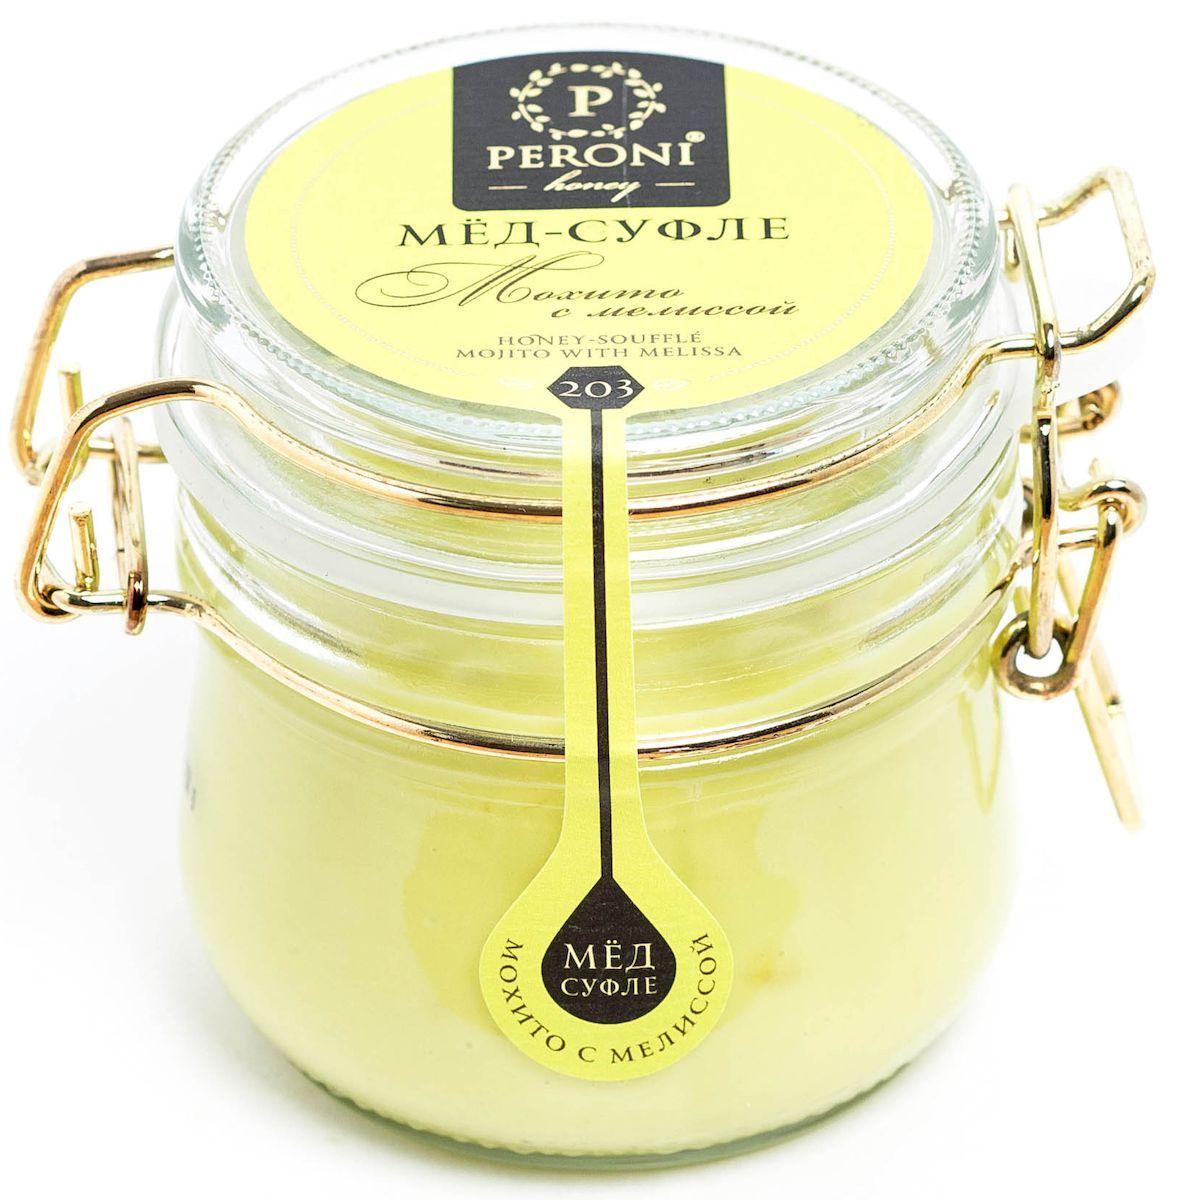 Peroni Мохито с мелиссой мёд-суфле, 250 г203Можно сказать, что цвет этого мёда загадочный и ласковый – нежный светлый лайм, а может быть светлый оттенок авокадо… Приятный тонкий аромат мёда напоминает о цветущих садах с пряно-травяным дуновением теплого летнего ветра. Консистенция мёда мягкая, шелковистая. Необычный вкус раскрывает богатую палитру оттенков: сладкие сливки, свежий лимон, чувственная мелисса и пикантное послевкусие.Мёд-коктейль Мохито с мелиссой будет надежным компаньоном в любой сезон. Летом он освежит, тонизирует и подарит минуты отдыха и расслабления. А зимой он поддержит вашу иммунную систему, успокоит, справится с простудой, снимет мышечные спазмы и поднимет настроение.Для получения мёда-суфле используются специальные технологии. Мёд долго вымешивается при определенной скорости, после чего его выдерживают при температуре 12-14°С, тем самым закрепляя его нужную консистенцию. Все полезные свойства мёда при этом сохраняются.